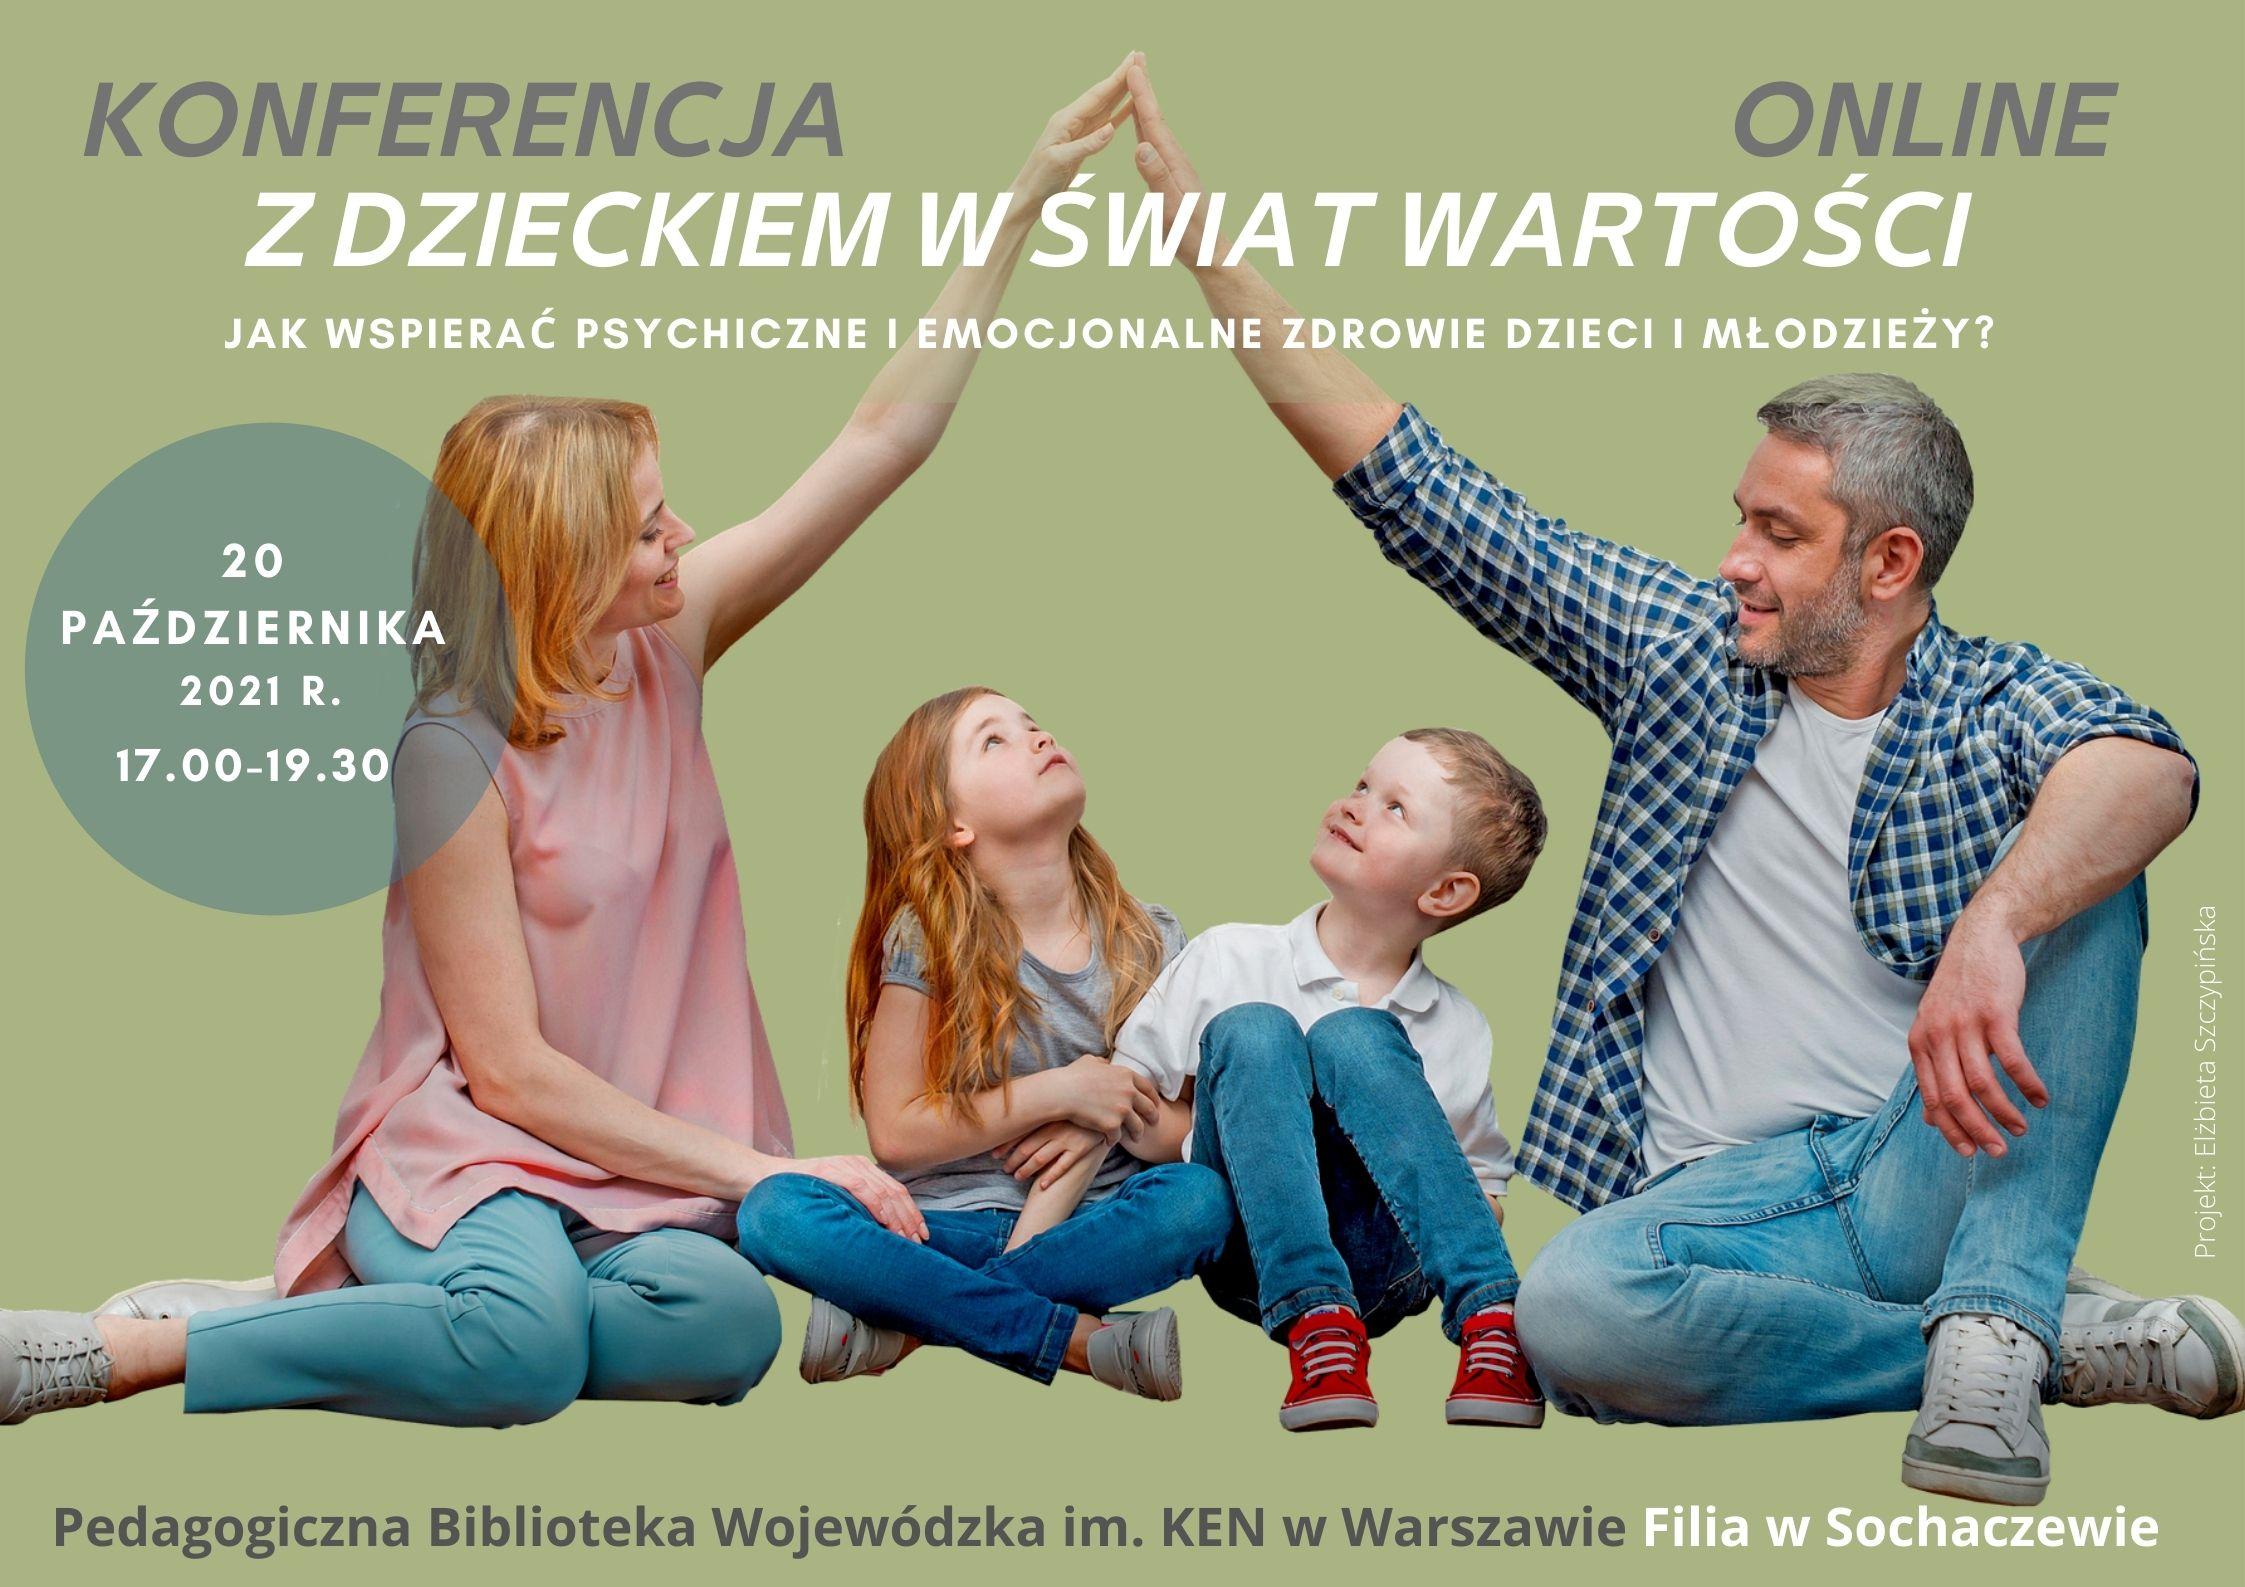 Plakat, na zielonym tle przedstawiona jest rodzina: tata, mama i dwoje dzieci, chłopiec i dziewczynka